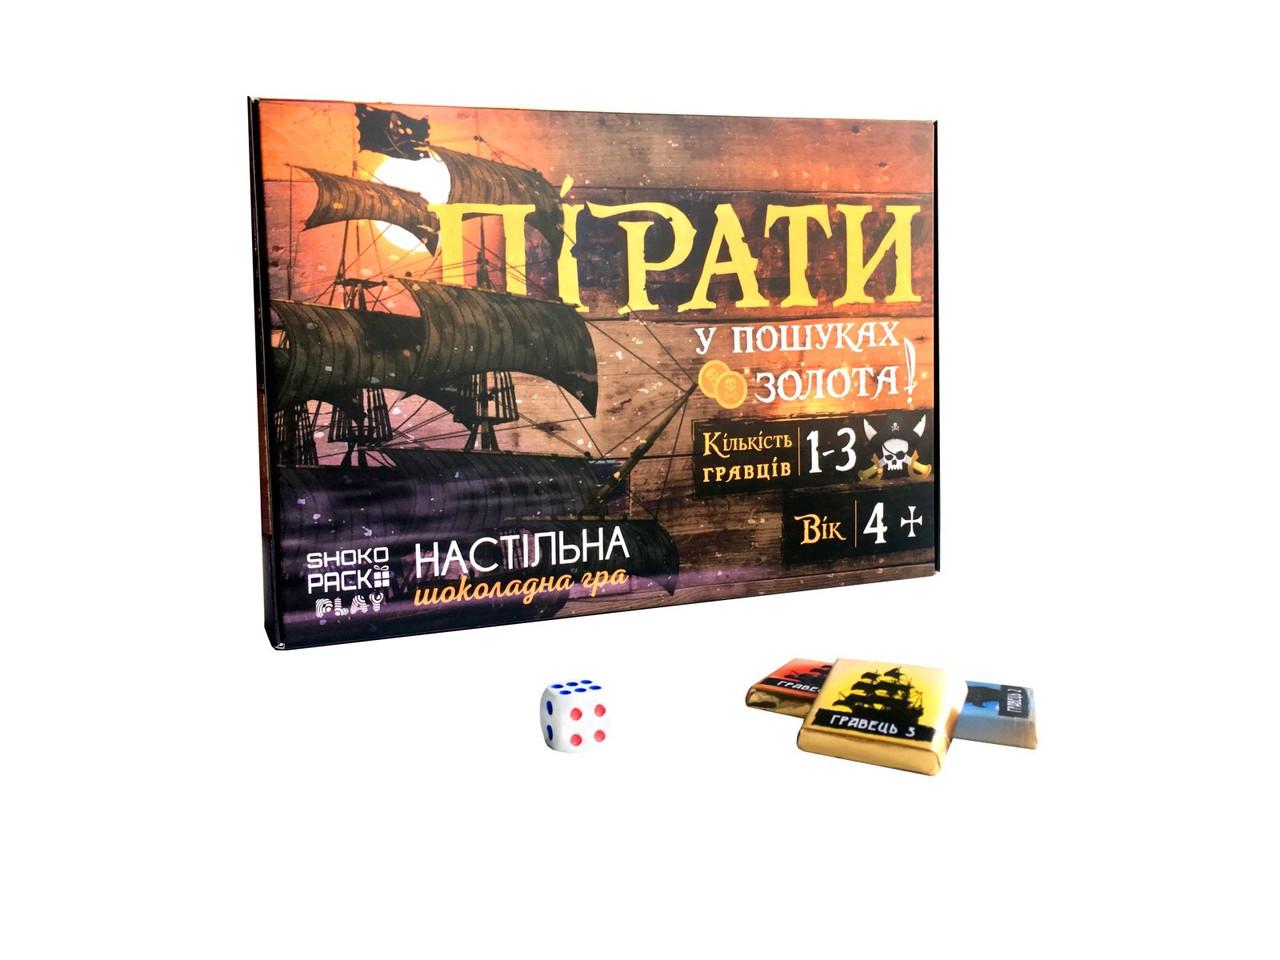 Шоколадний ігровий набір Пірати 100 г / Шоколадный игровой набор Пирати / Настільна гра / настольная игра